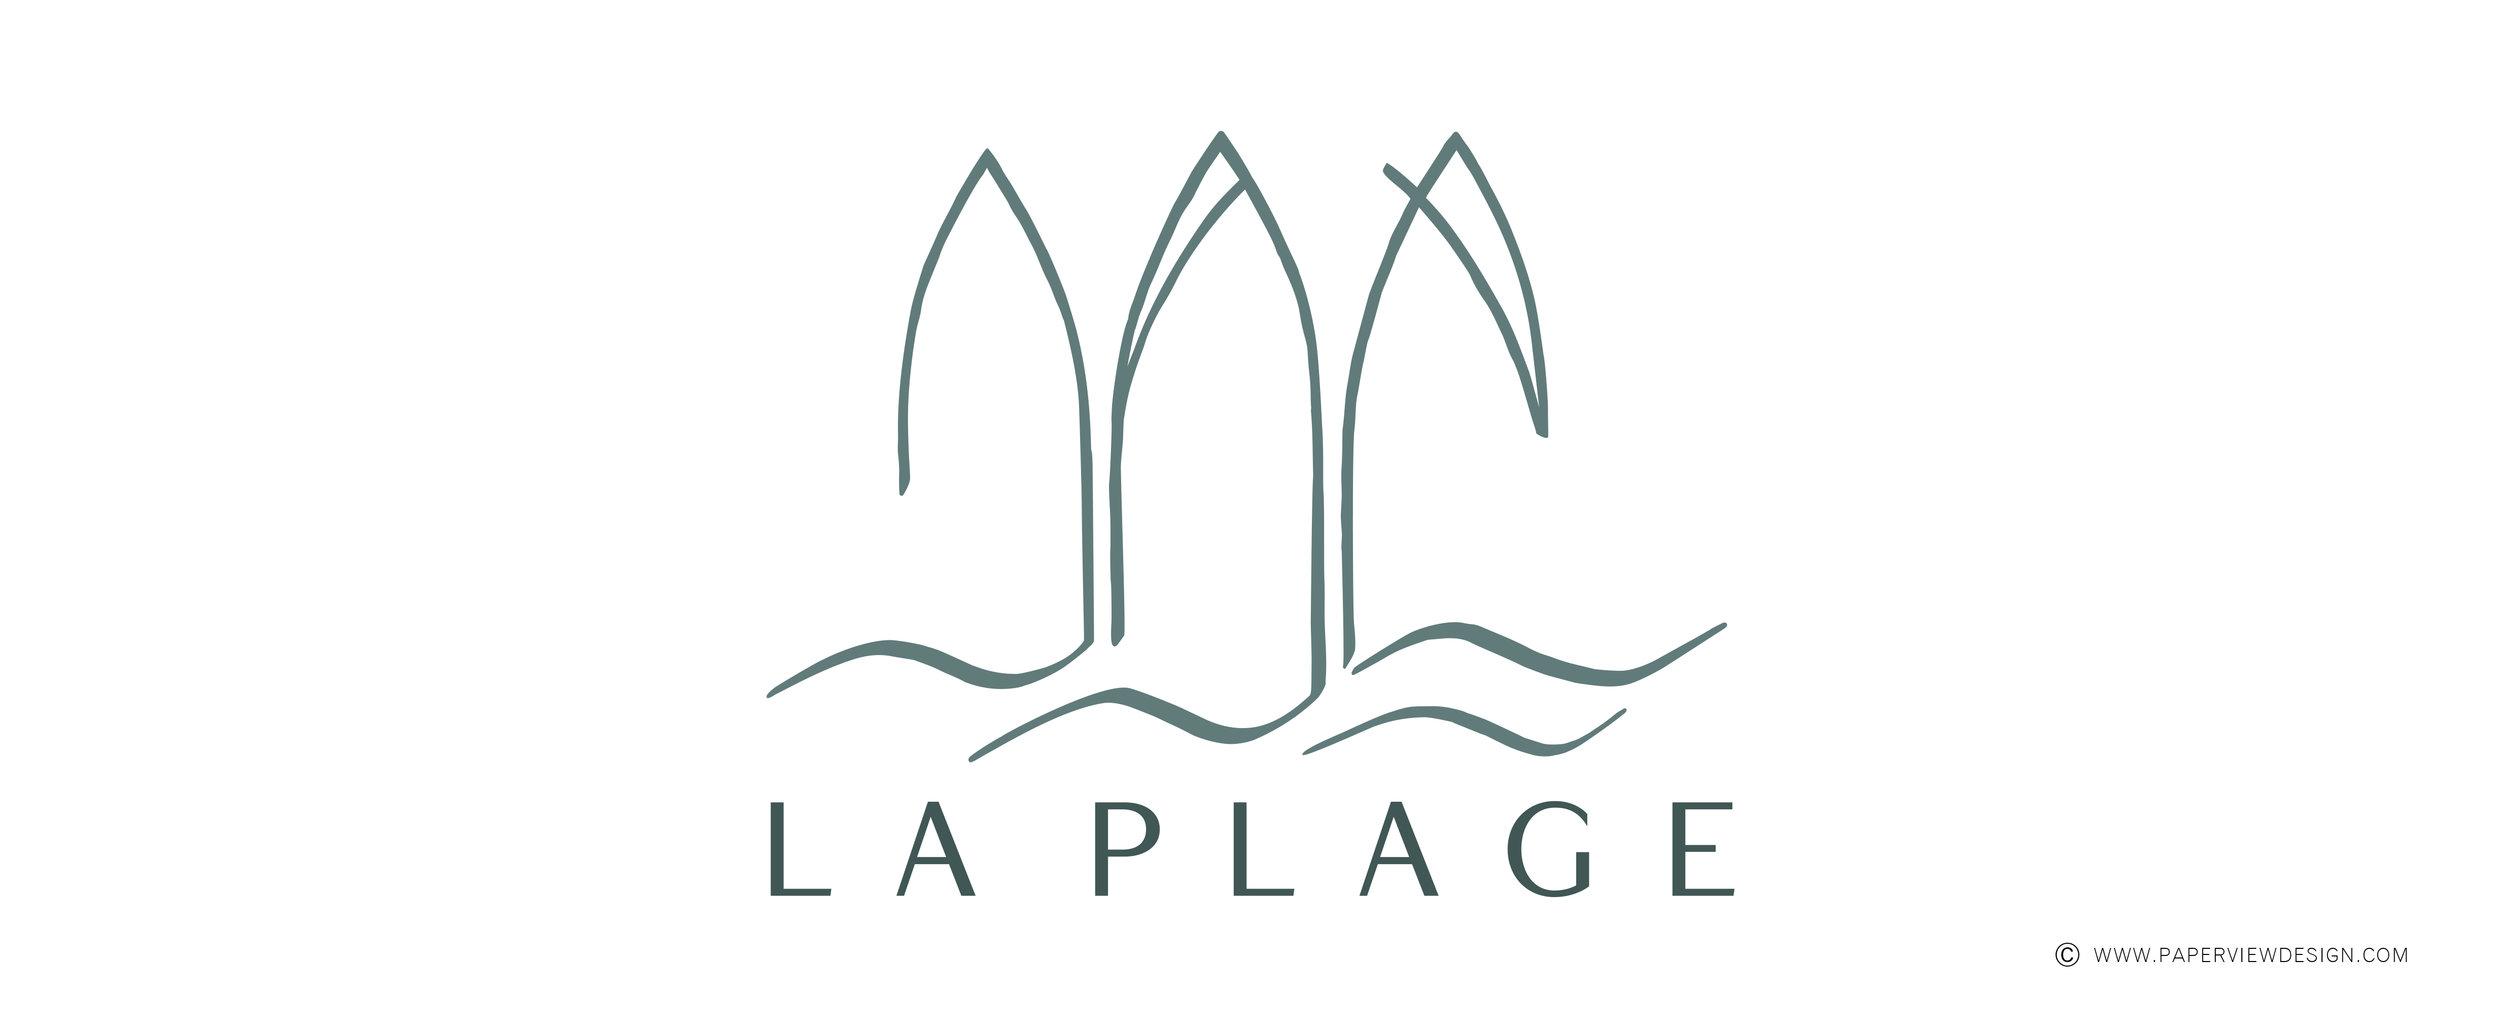 LaPlage-logo-website.jpg